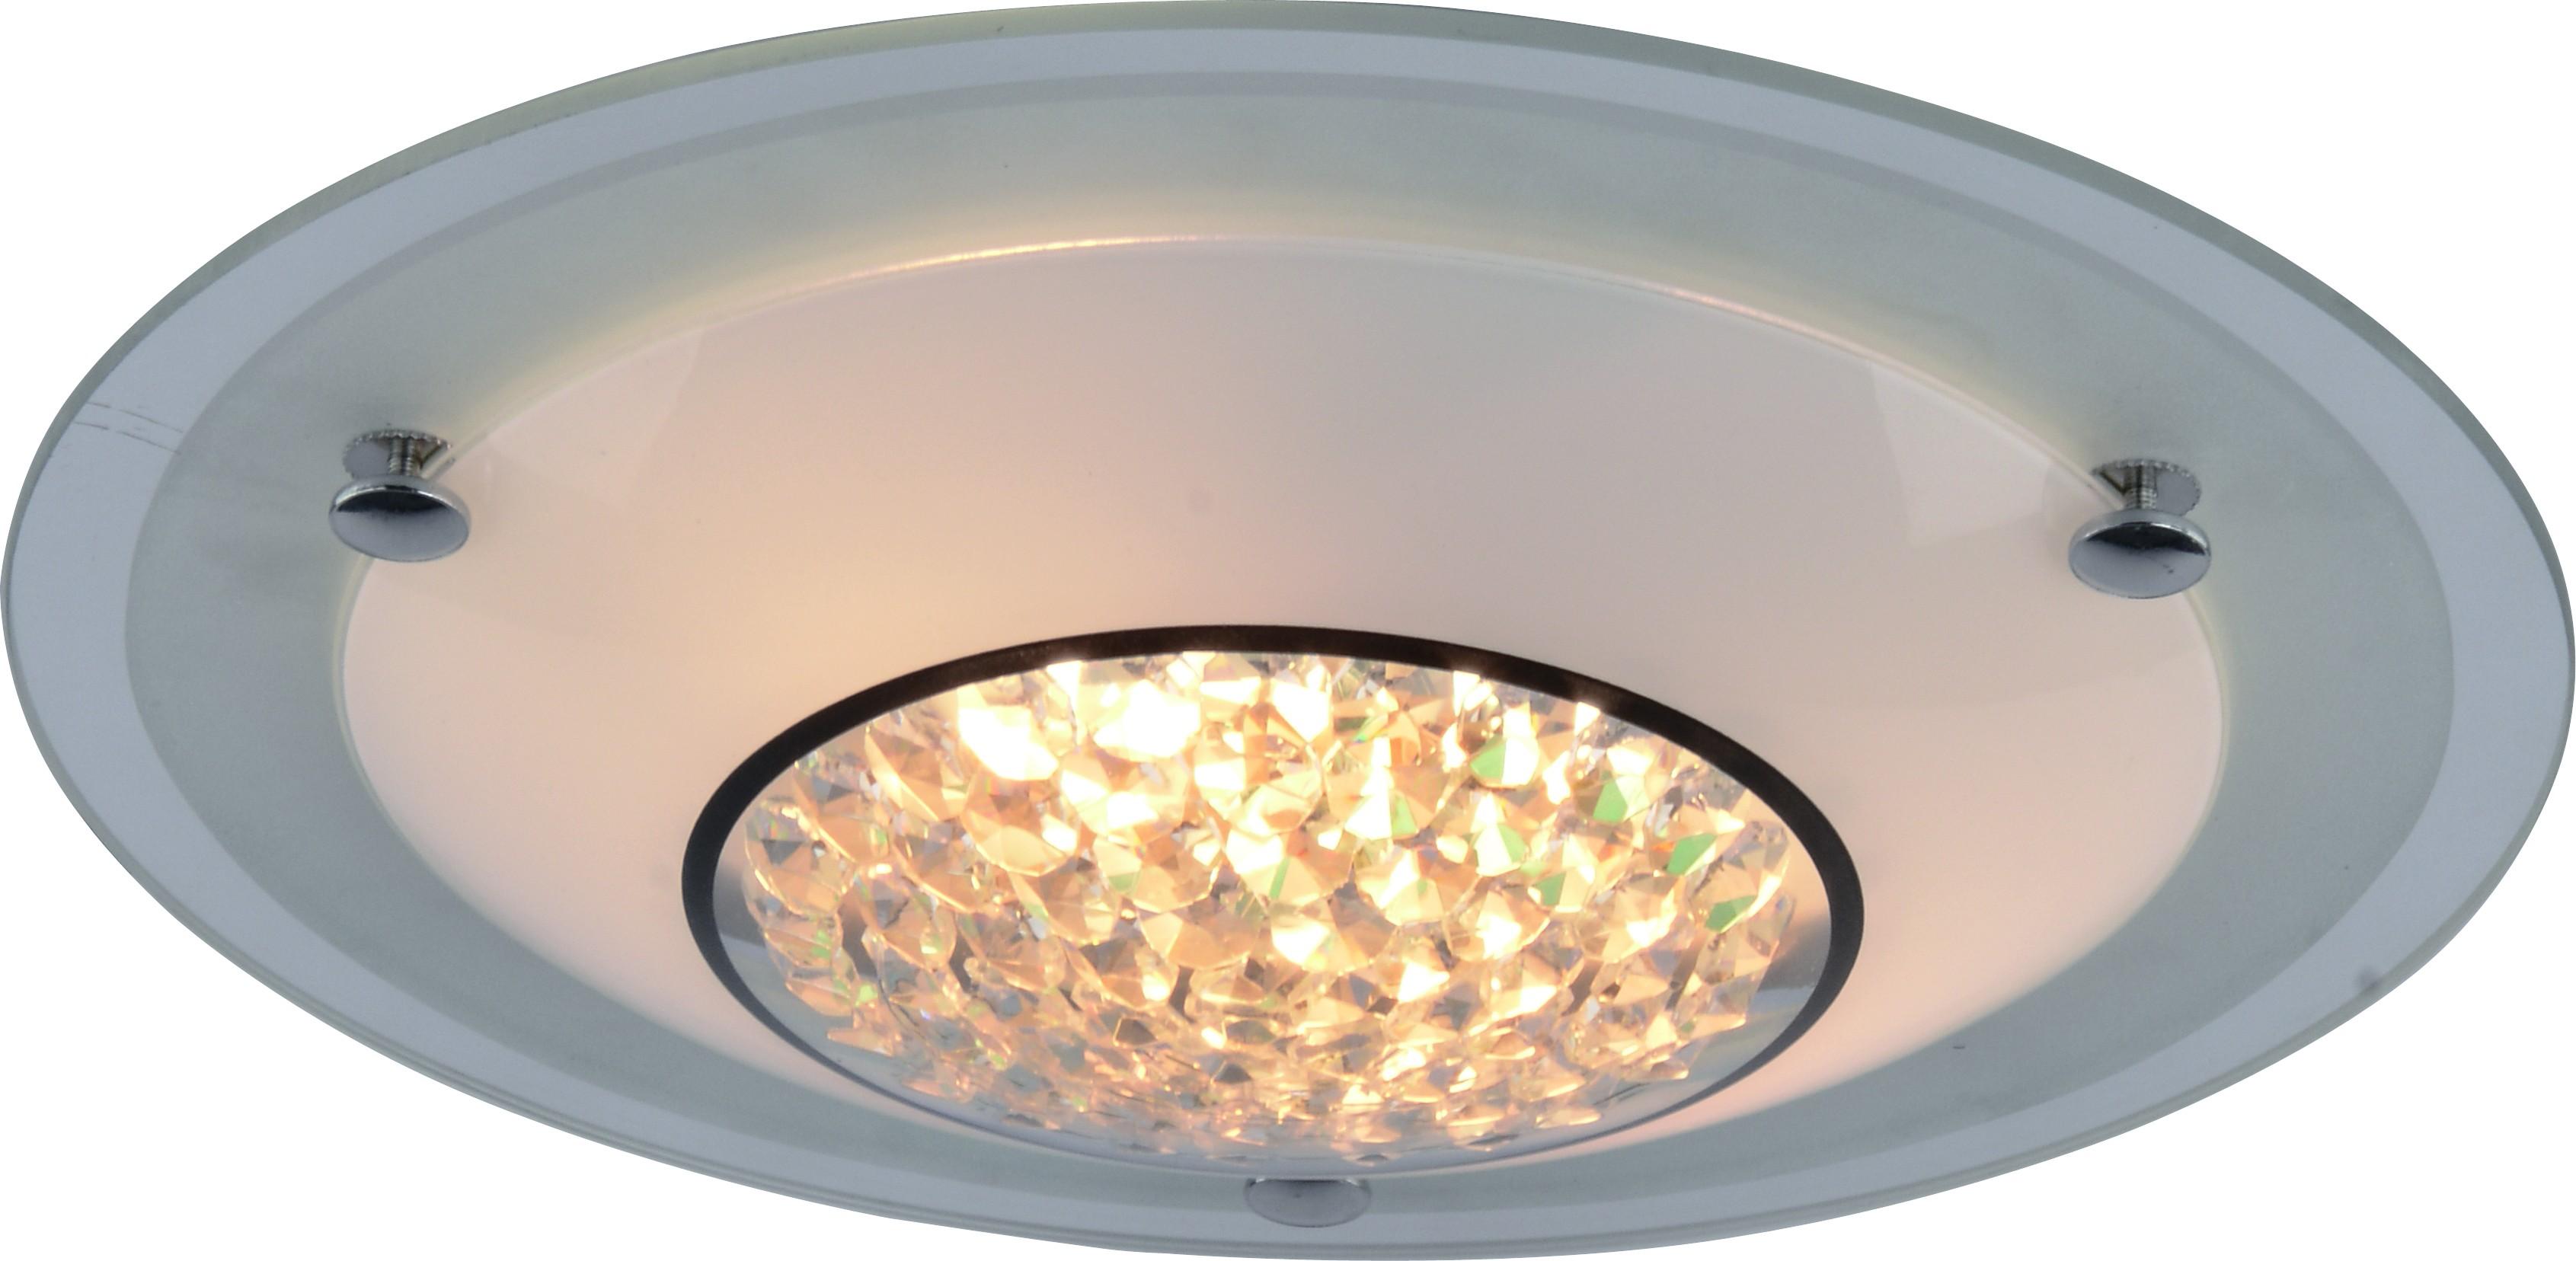 Светильник настенно-потолочный Arte lamp A4833pl-2cc светильник настенно потолочный arte lamp a3820pl 2cc